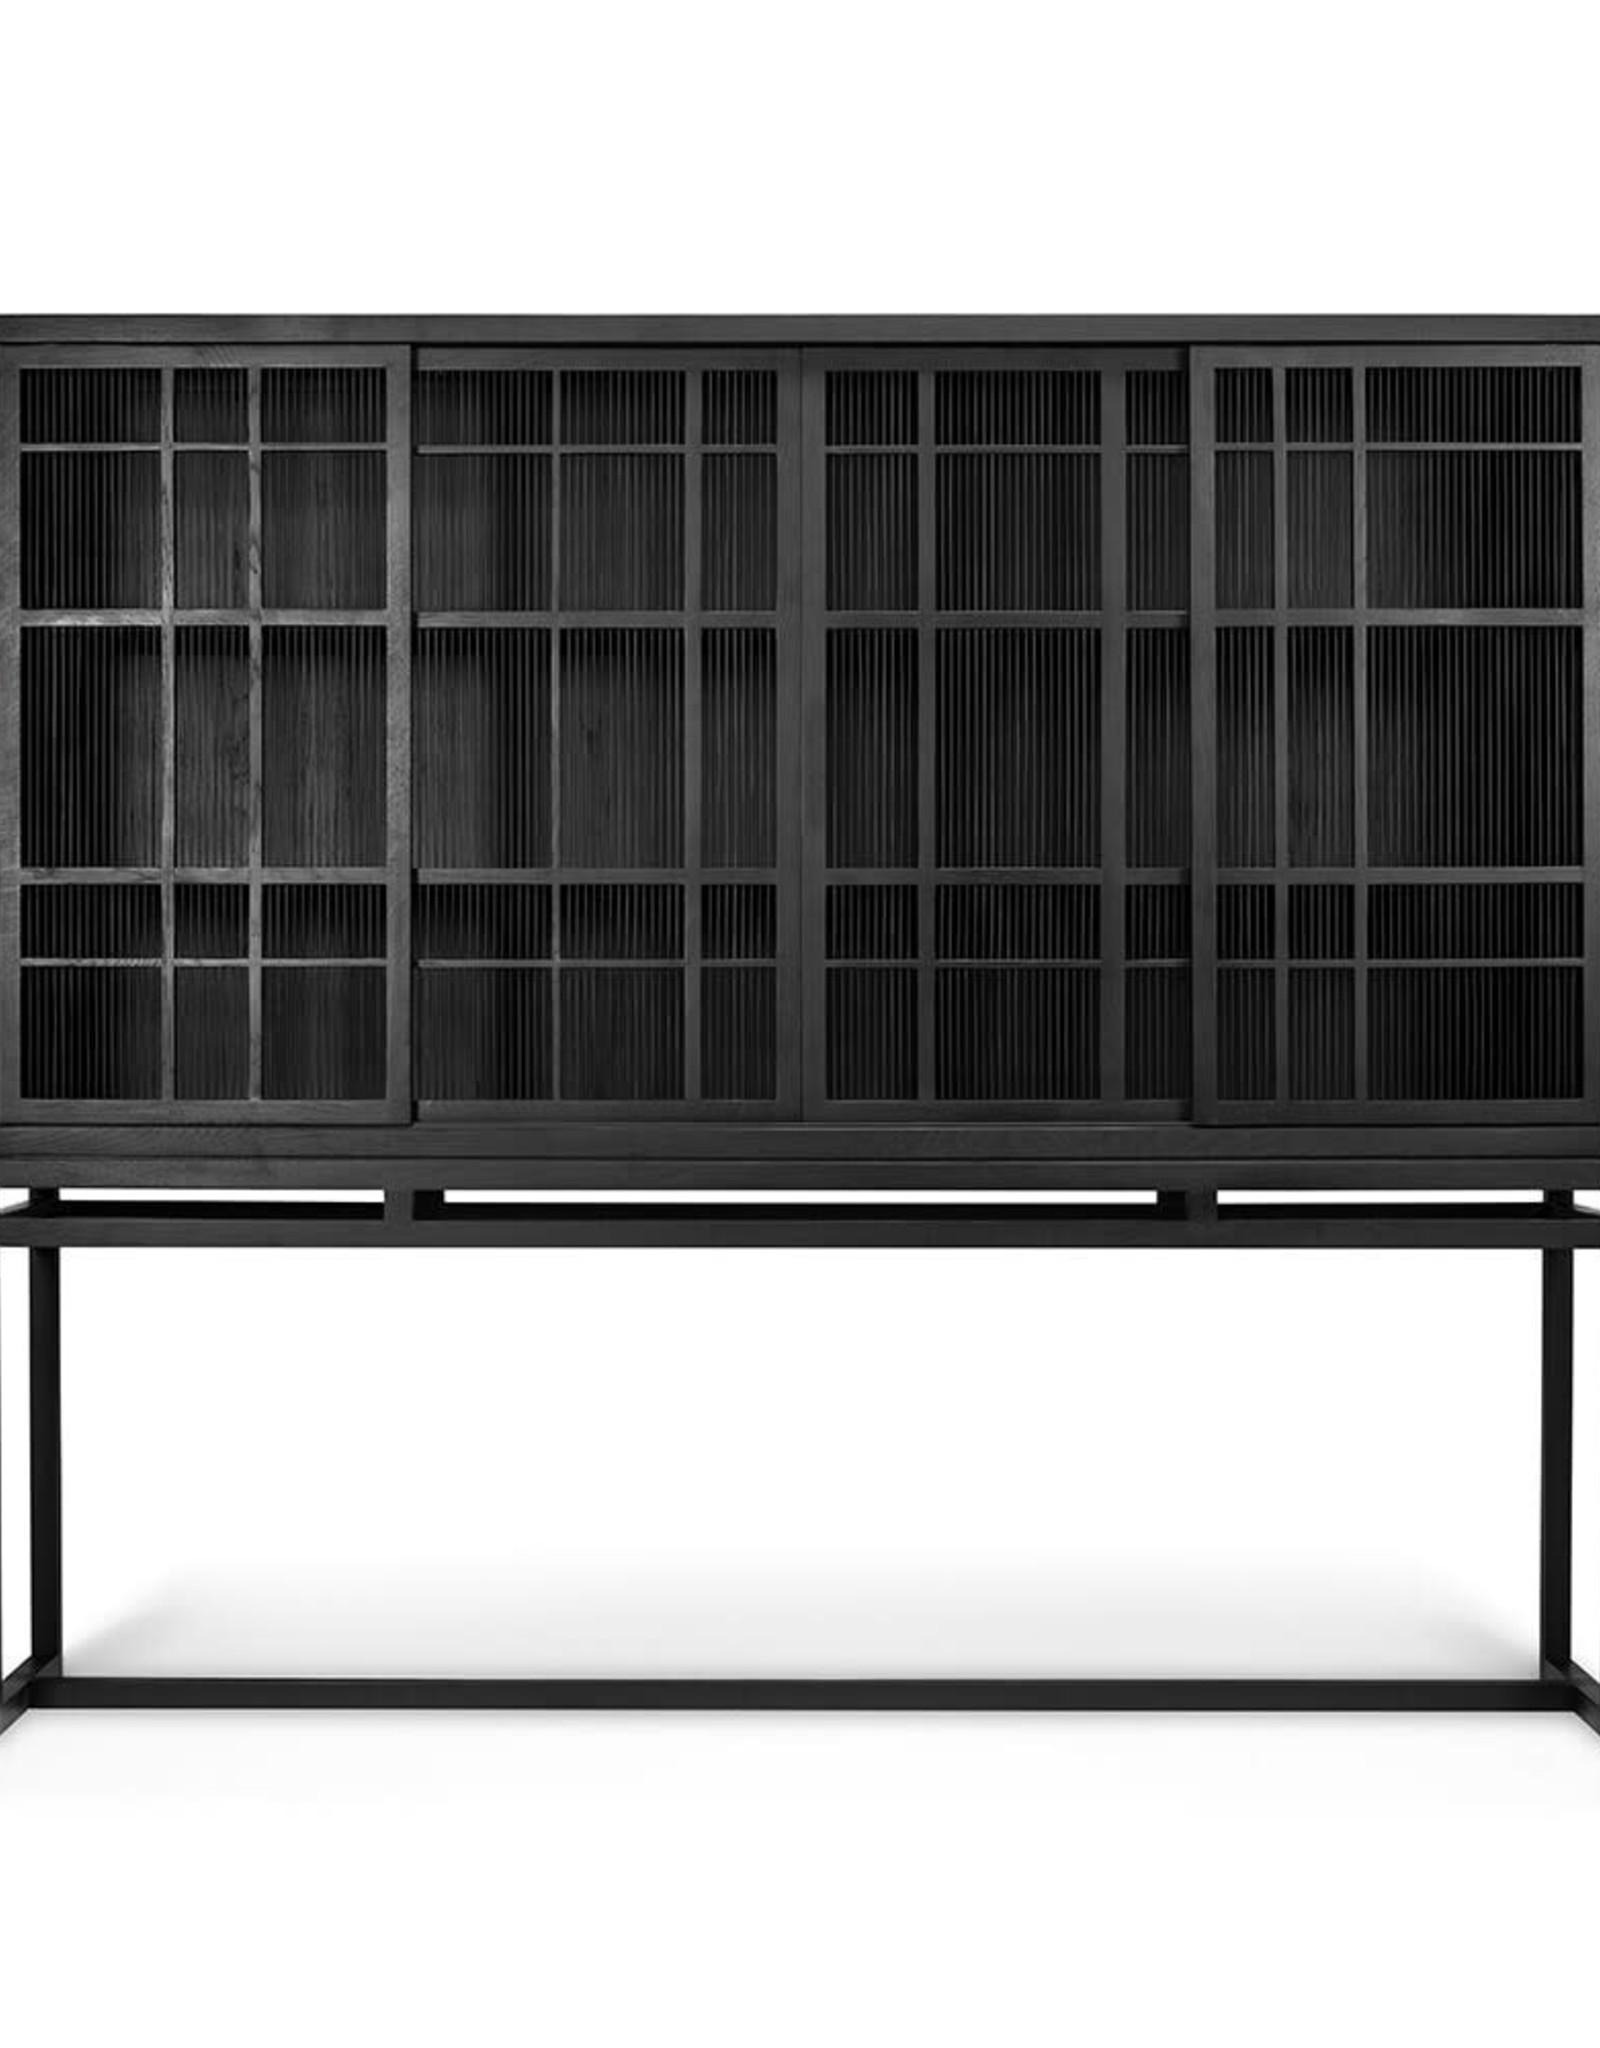 Oak Burung storage cupboard - 4 sliding doors - black - Varnished